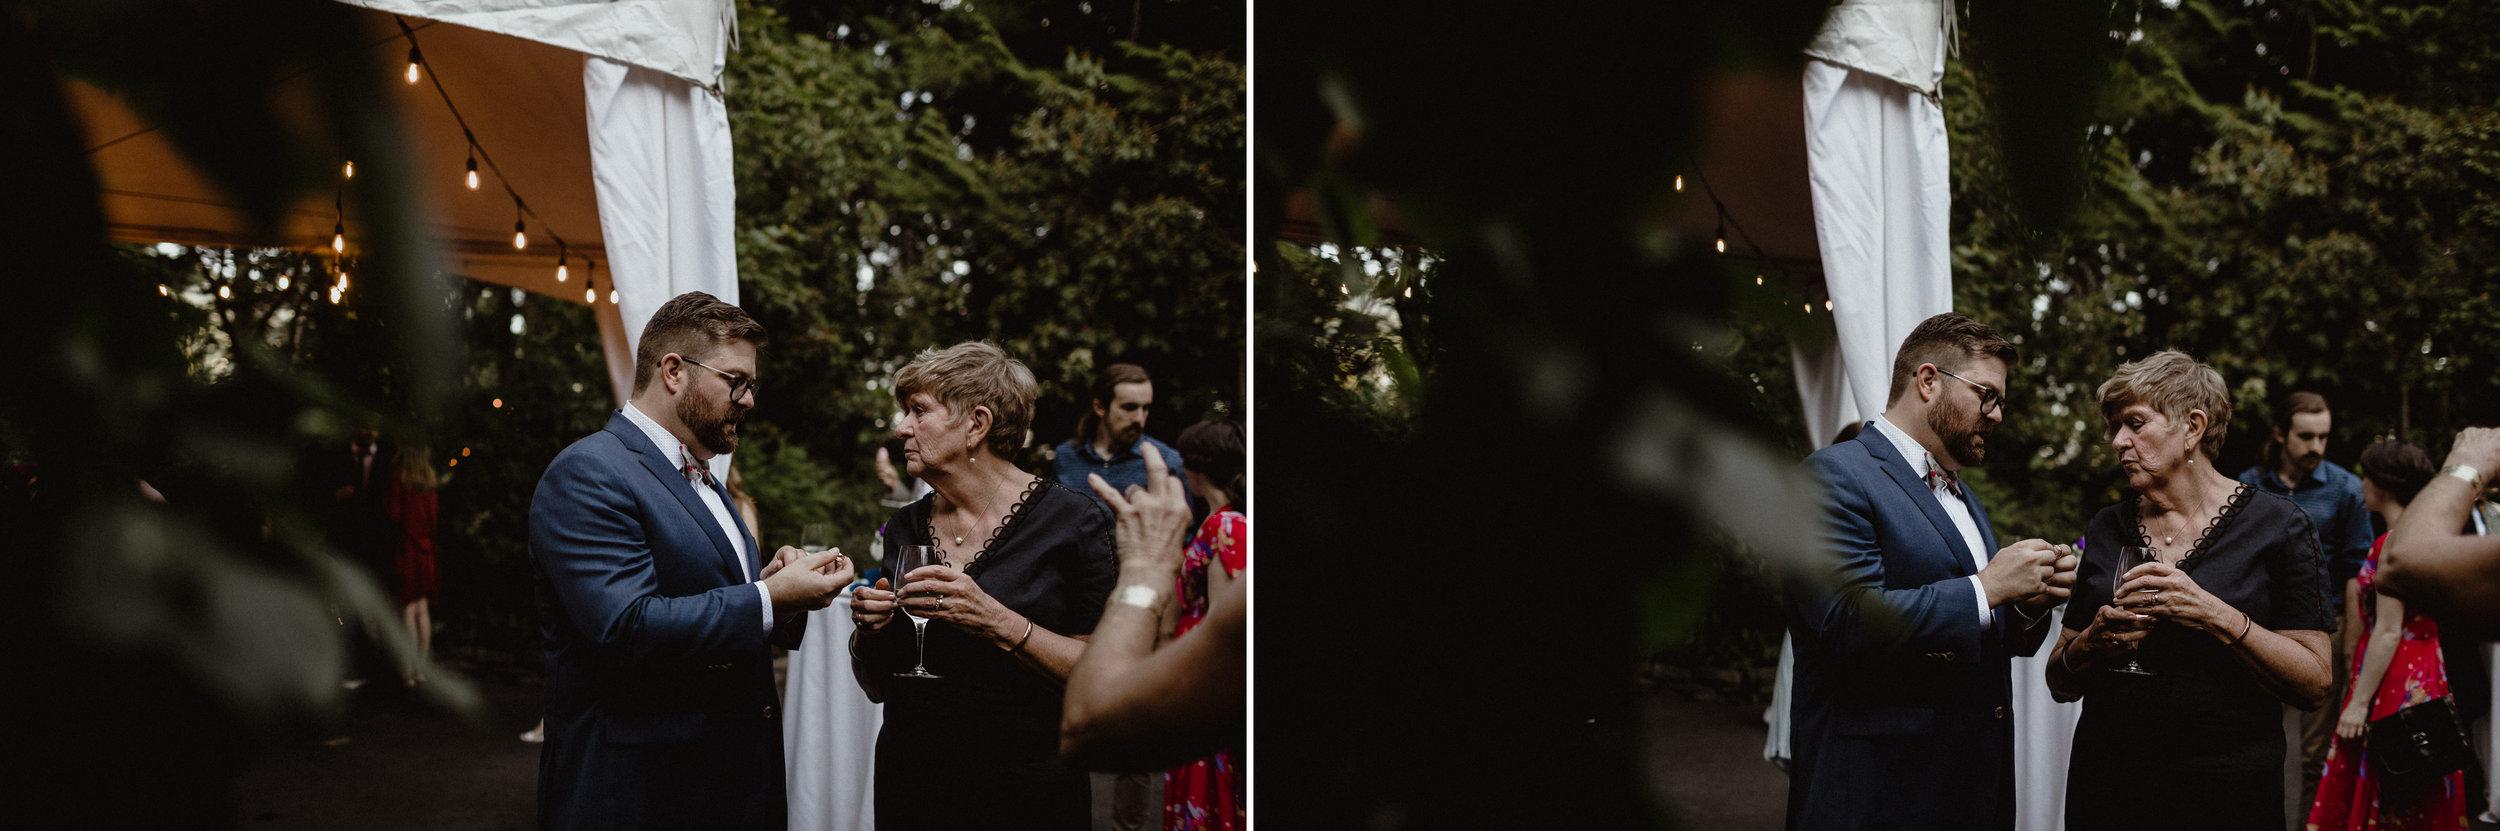 west-vancouver-backyard-wedding-240.jpg